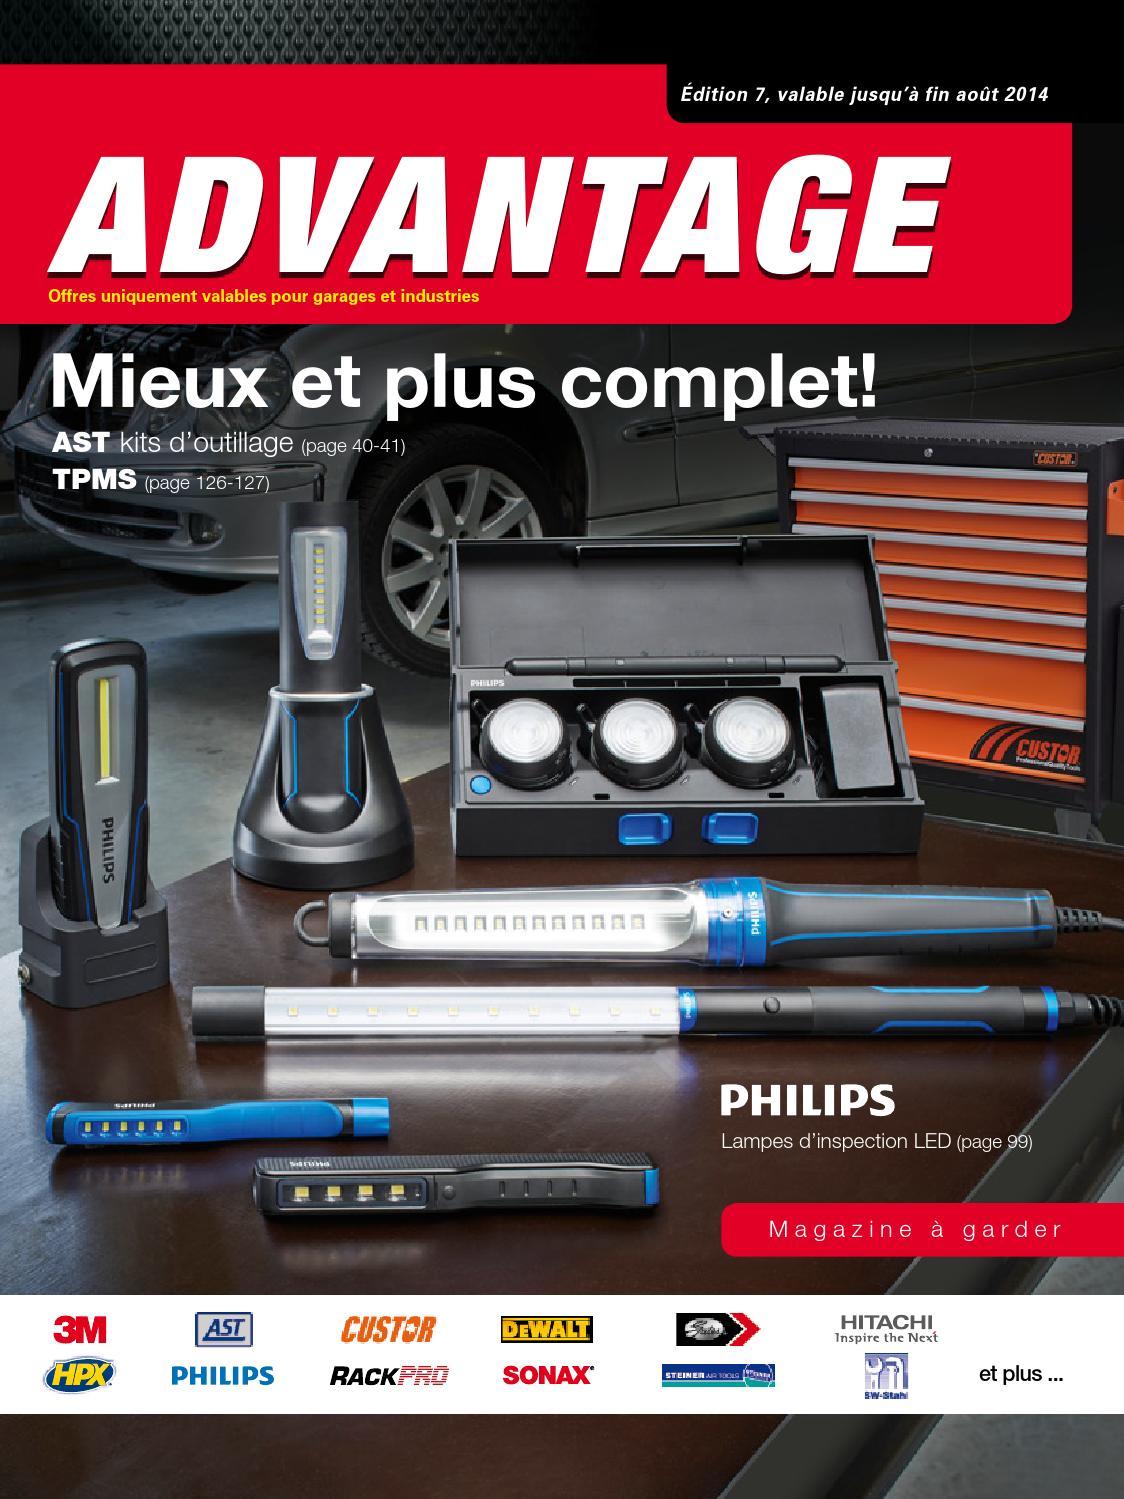 Outils de coupe haute pression 7500/PSI manuel 3/voies Charge Pistolet /à cartouche de graisse